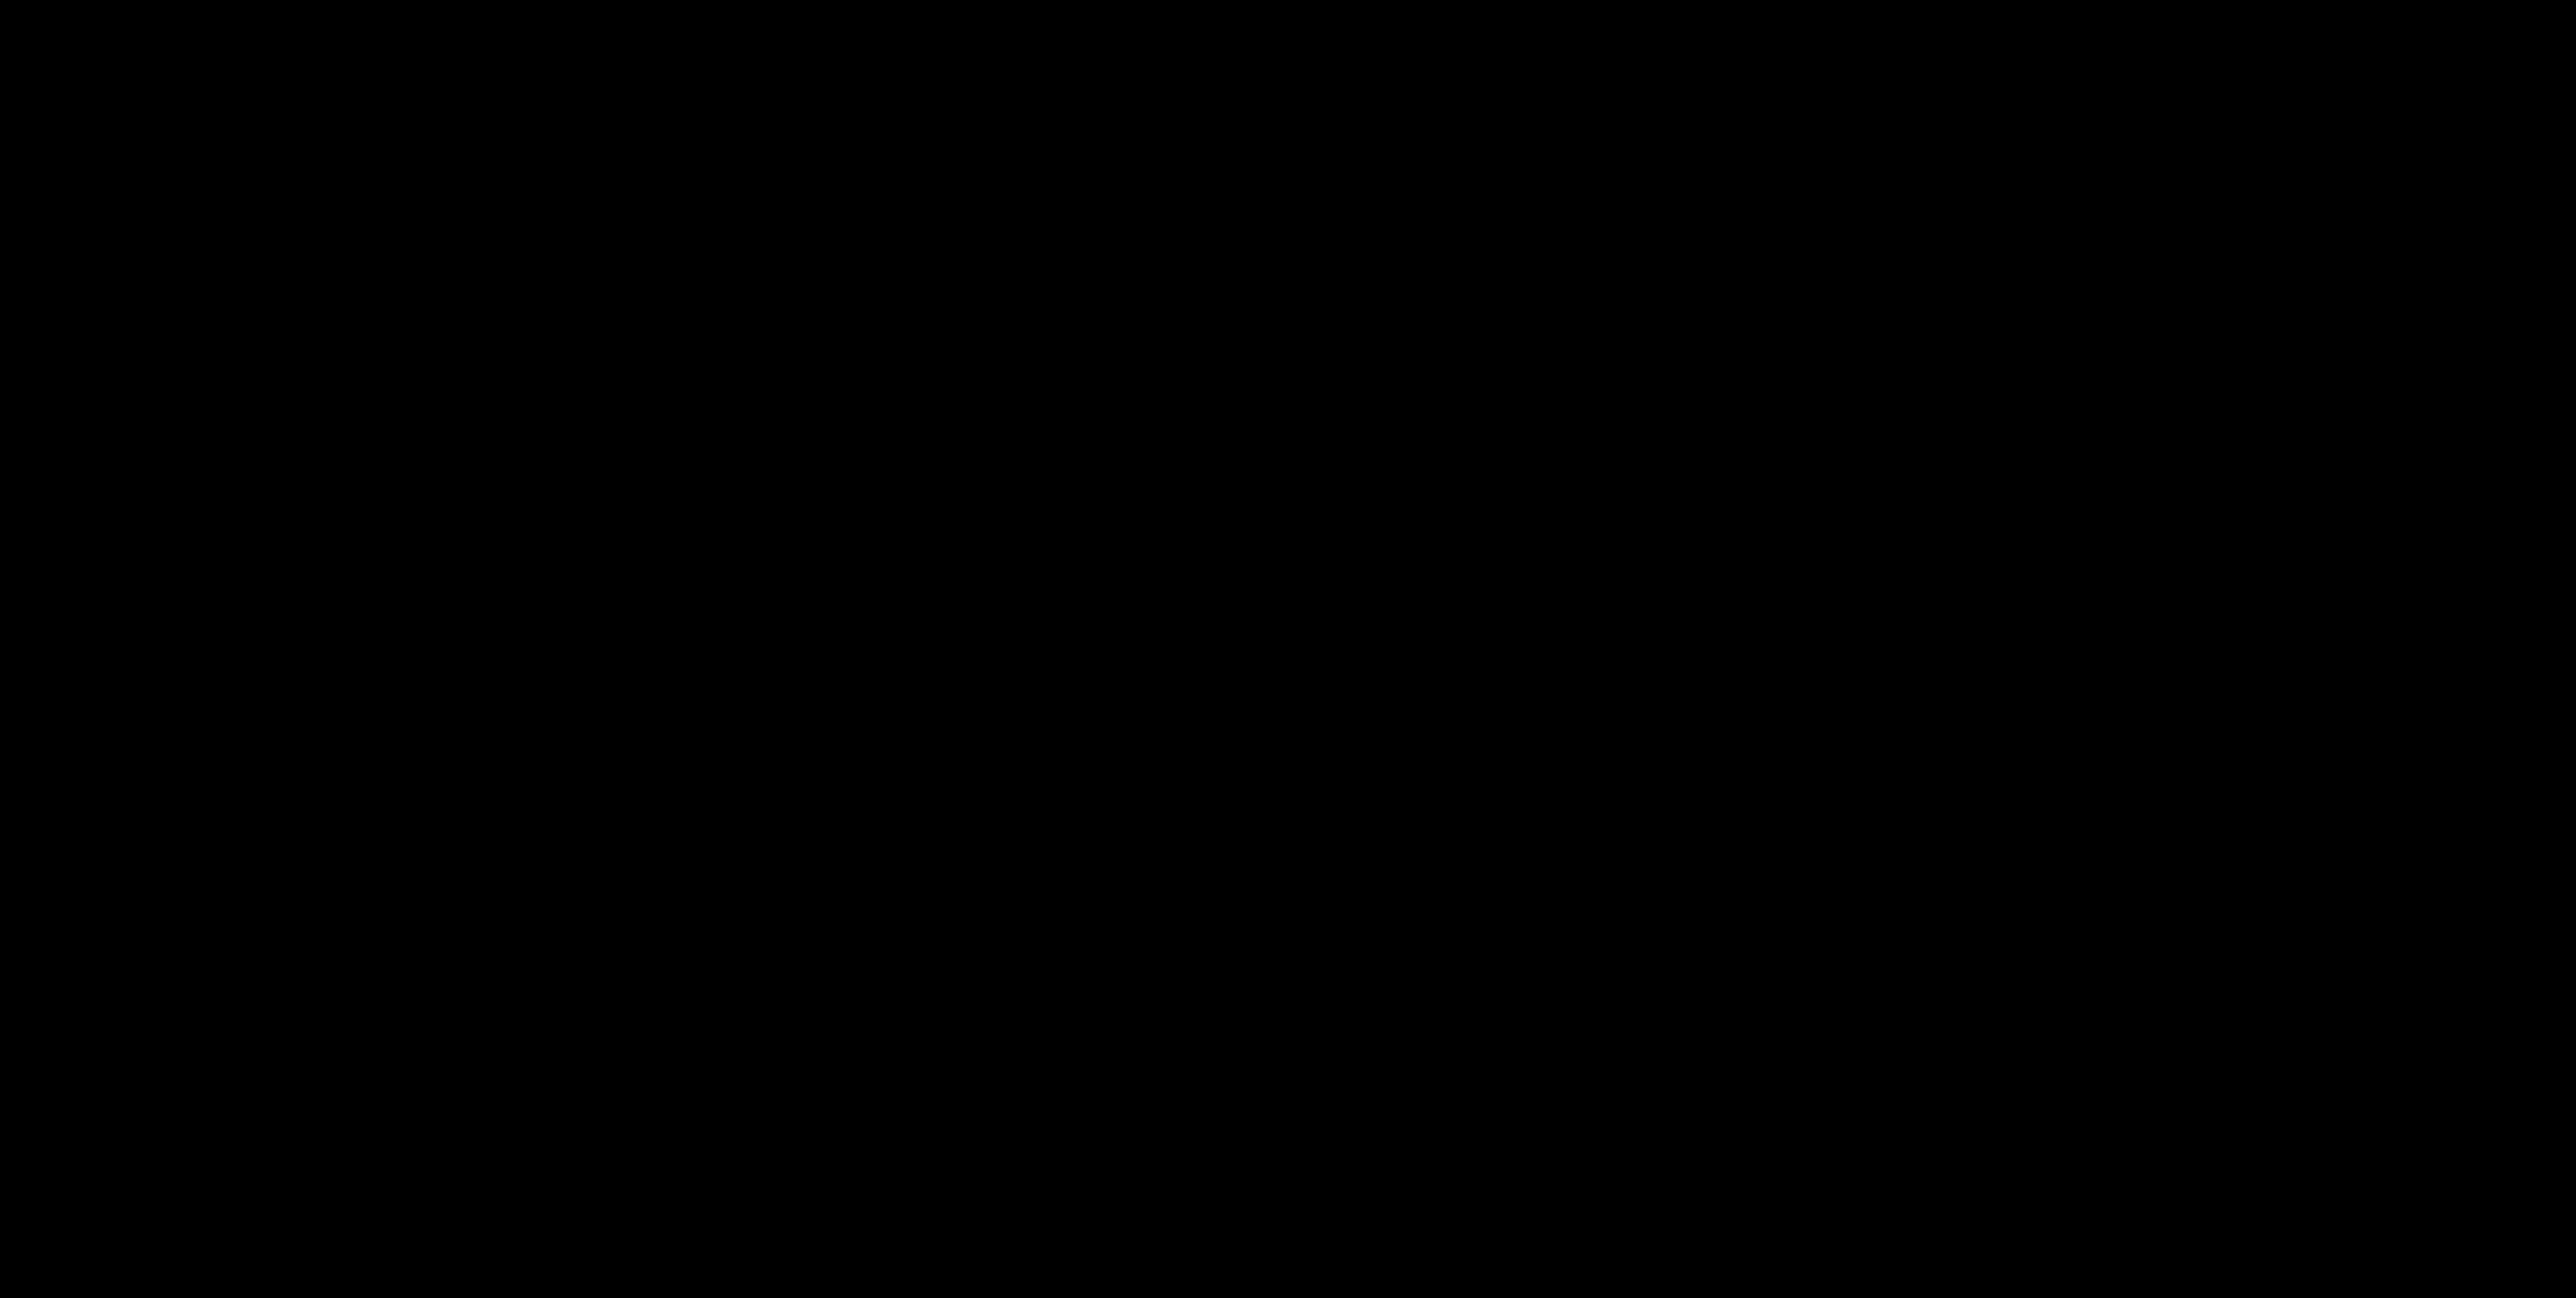 Stabilizer (chemistry) - Wikipedia